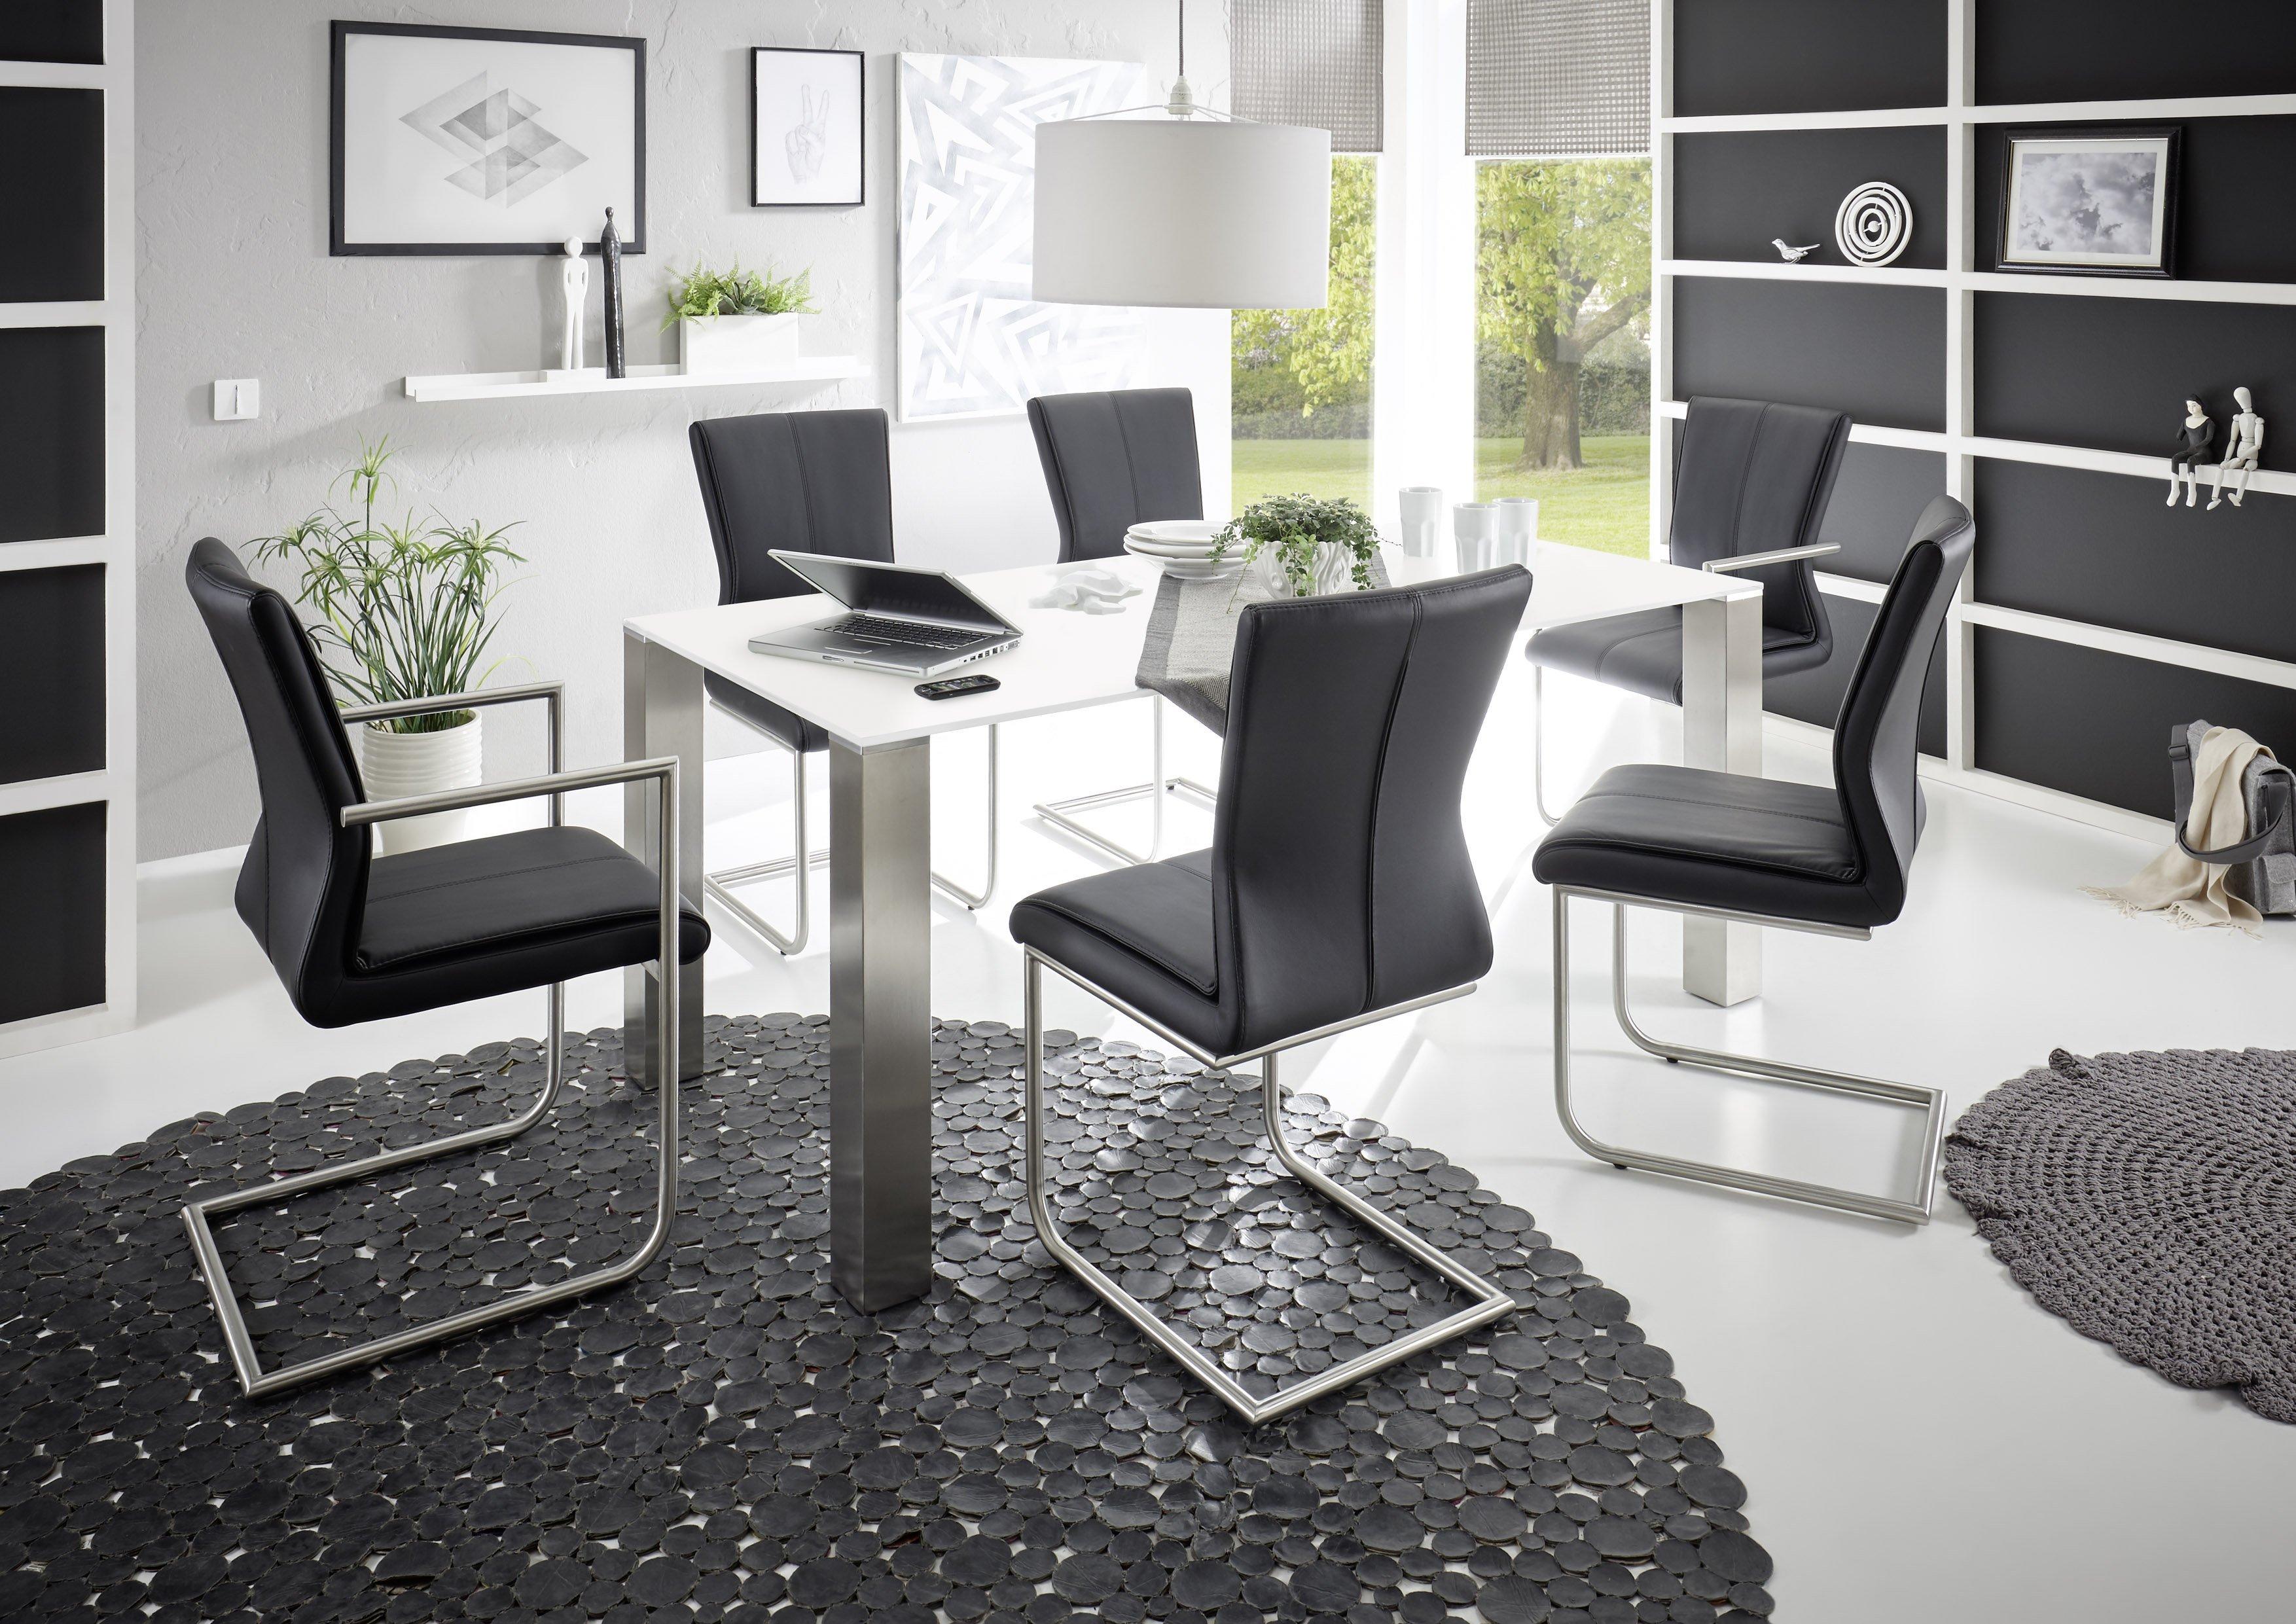 Tischsystem mit Keramikplatte Barcelona von MWA